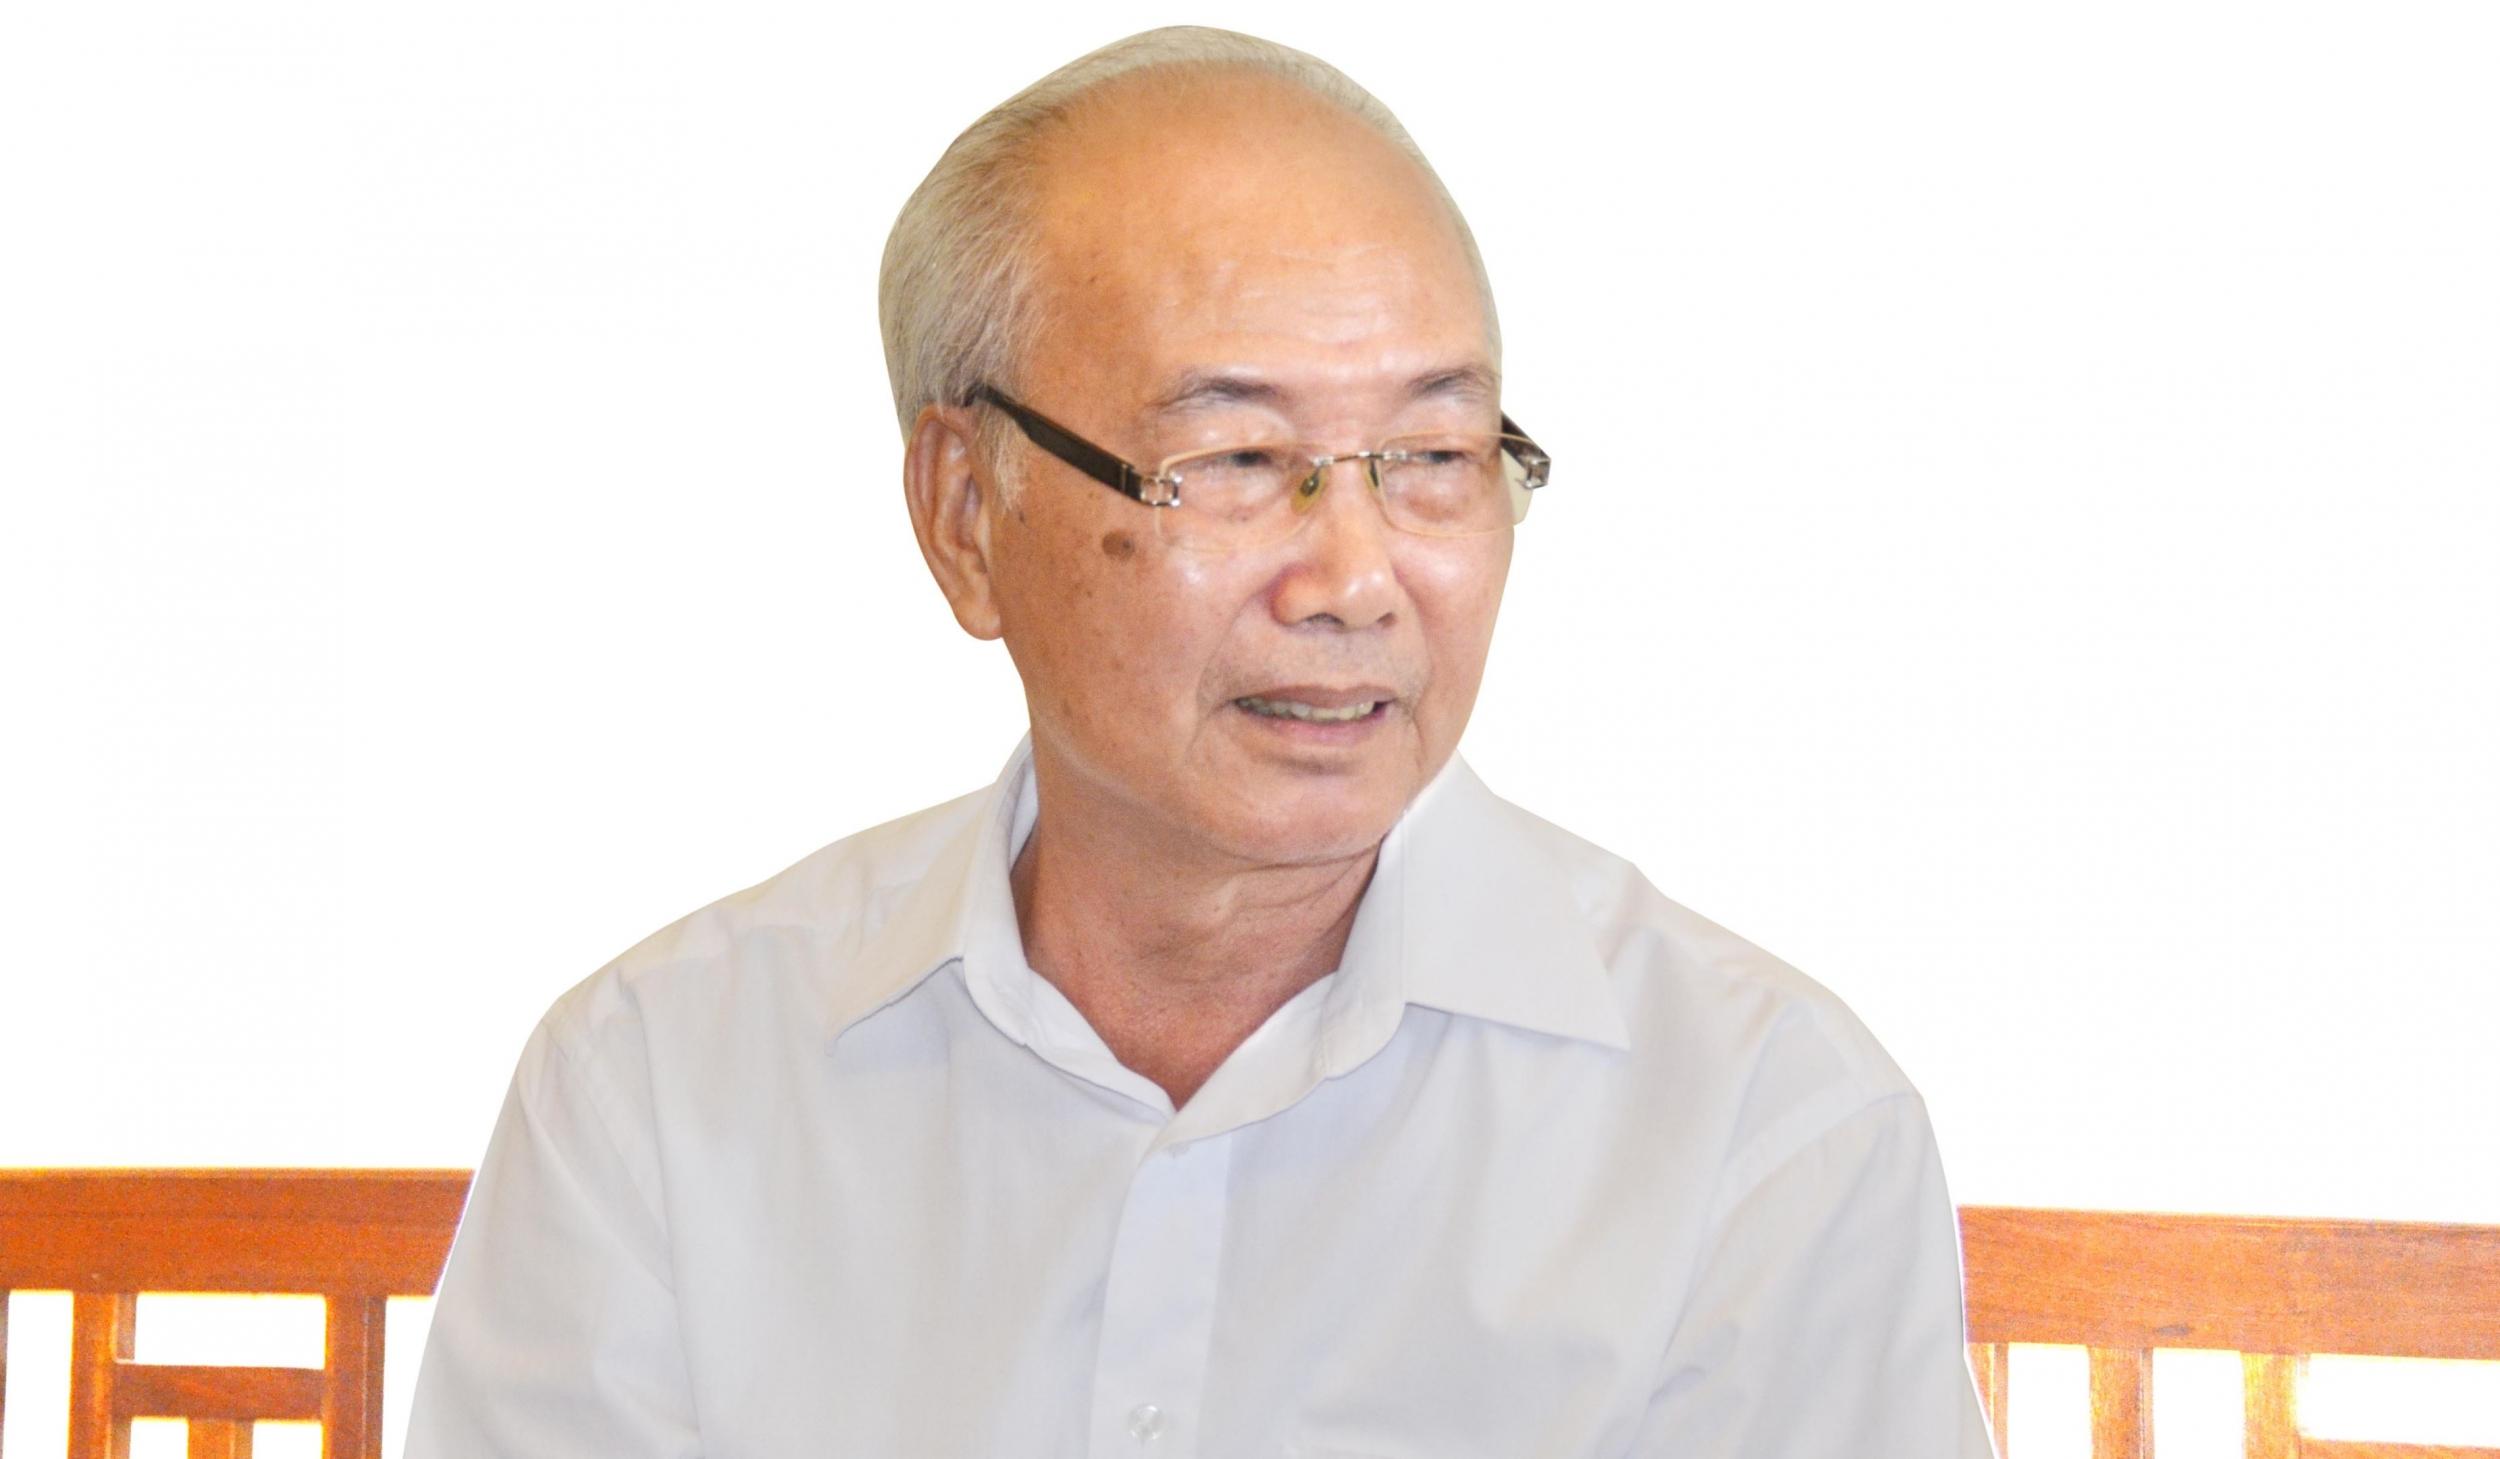 """Ông Nguyễn Mậu Chung – Nguyên Ủy viên Hội đồng quản trị (HĐQT) EVN: Chuyến """"vi hành"""" đặc biệt"""